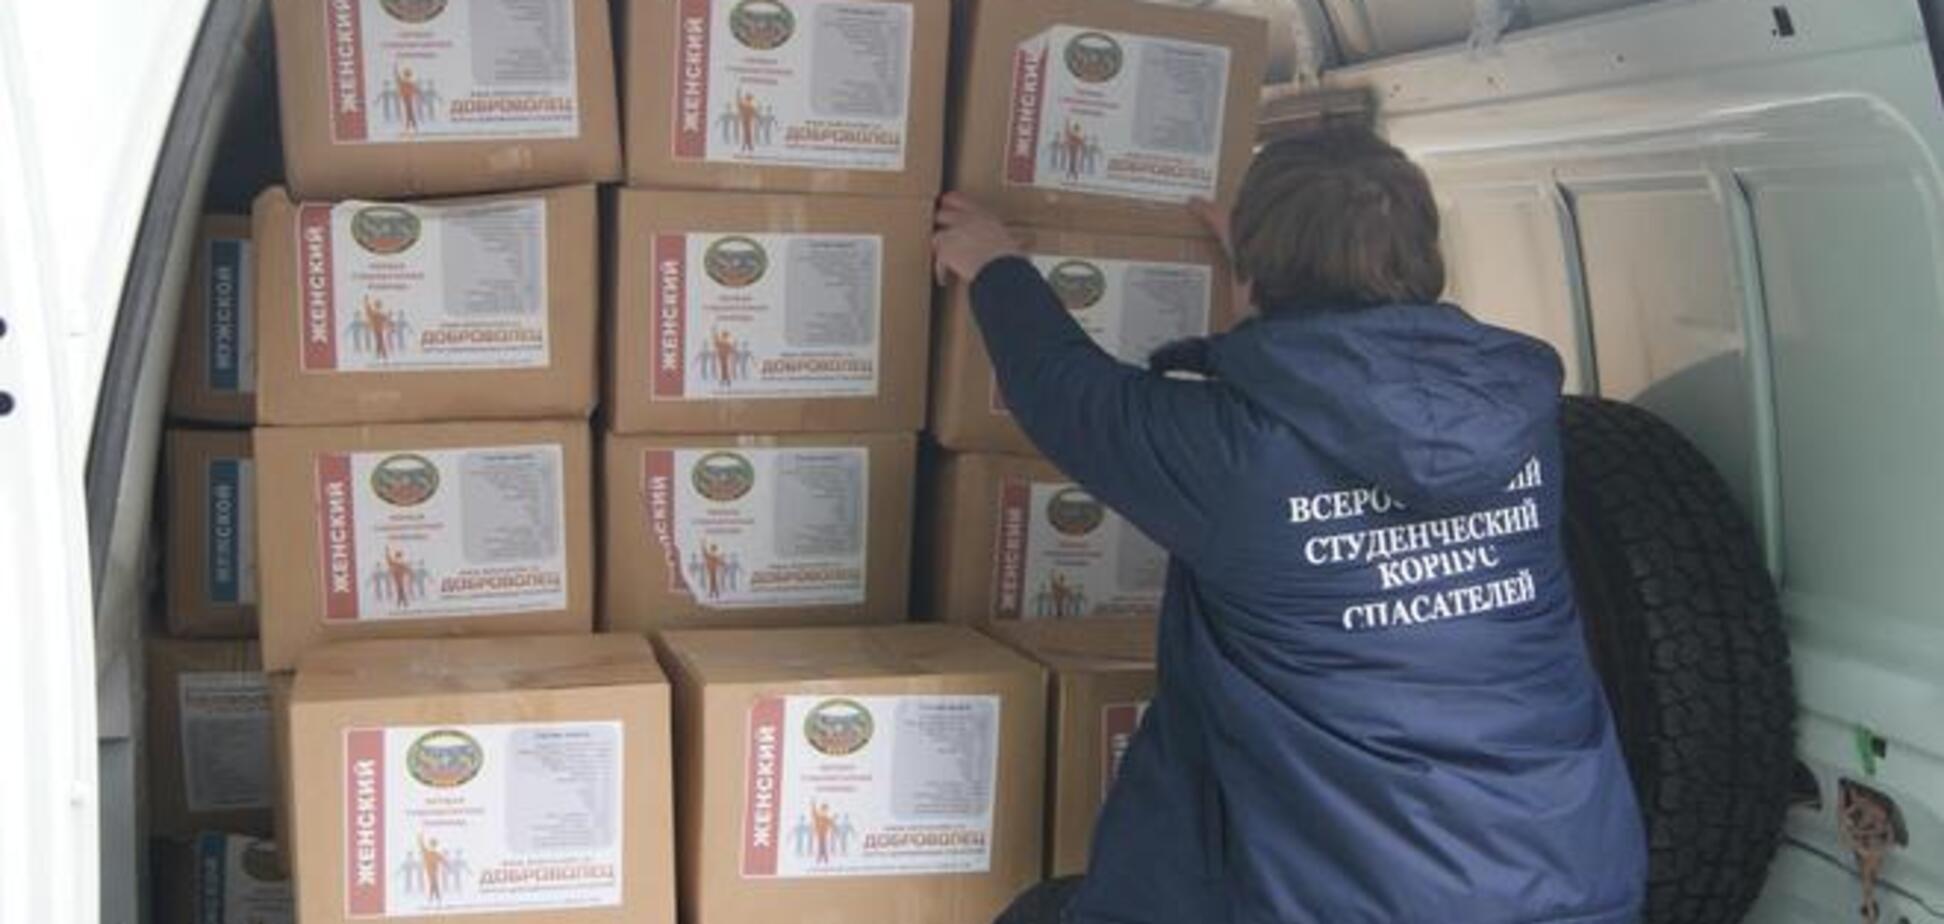 У включеному Криму розкрадають гуманітарну допомогу бідним сім'ям